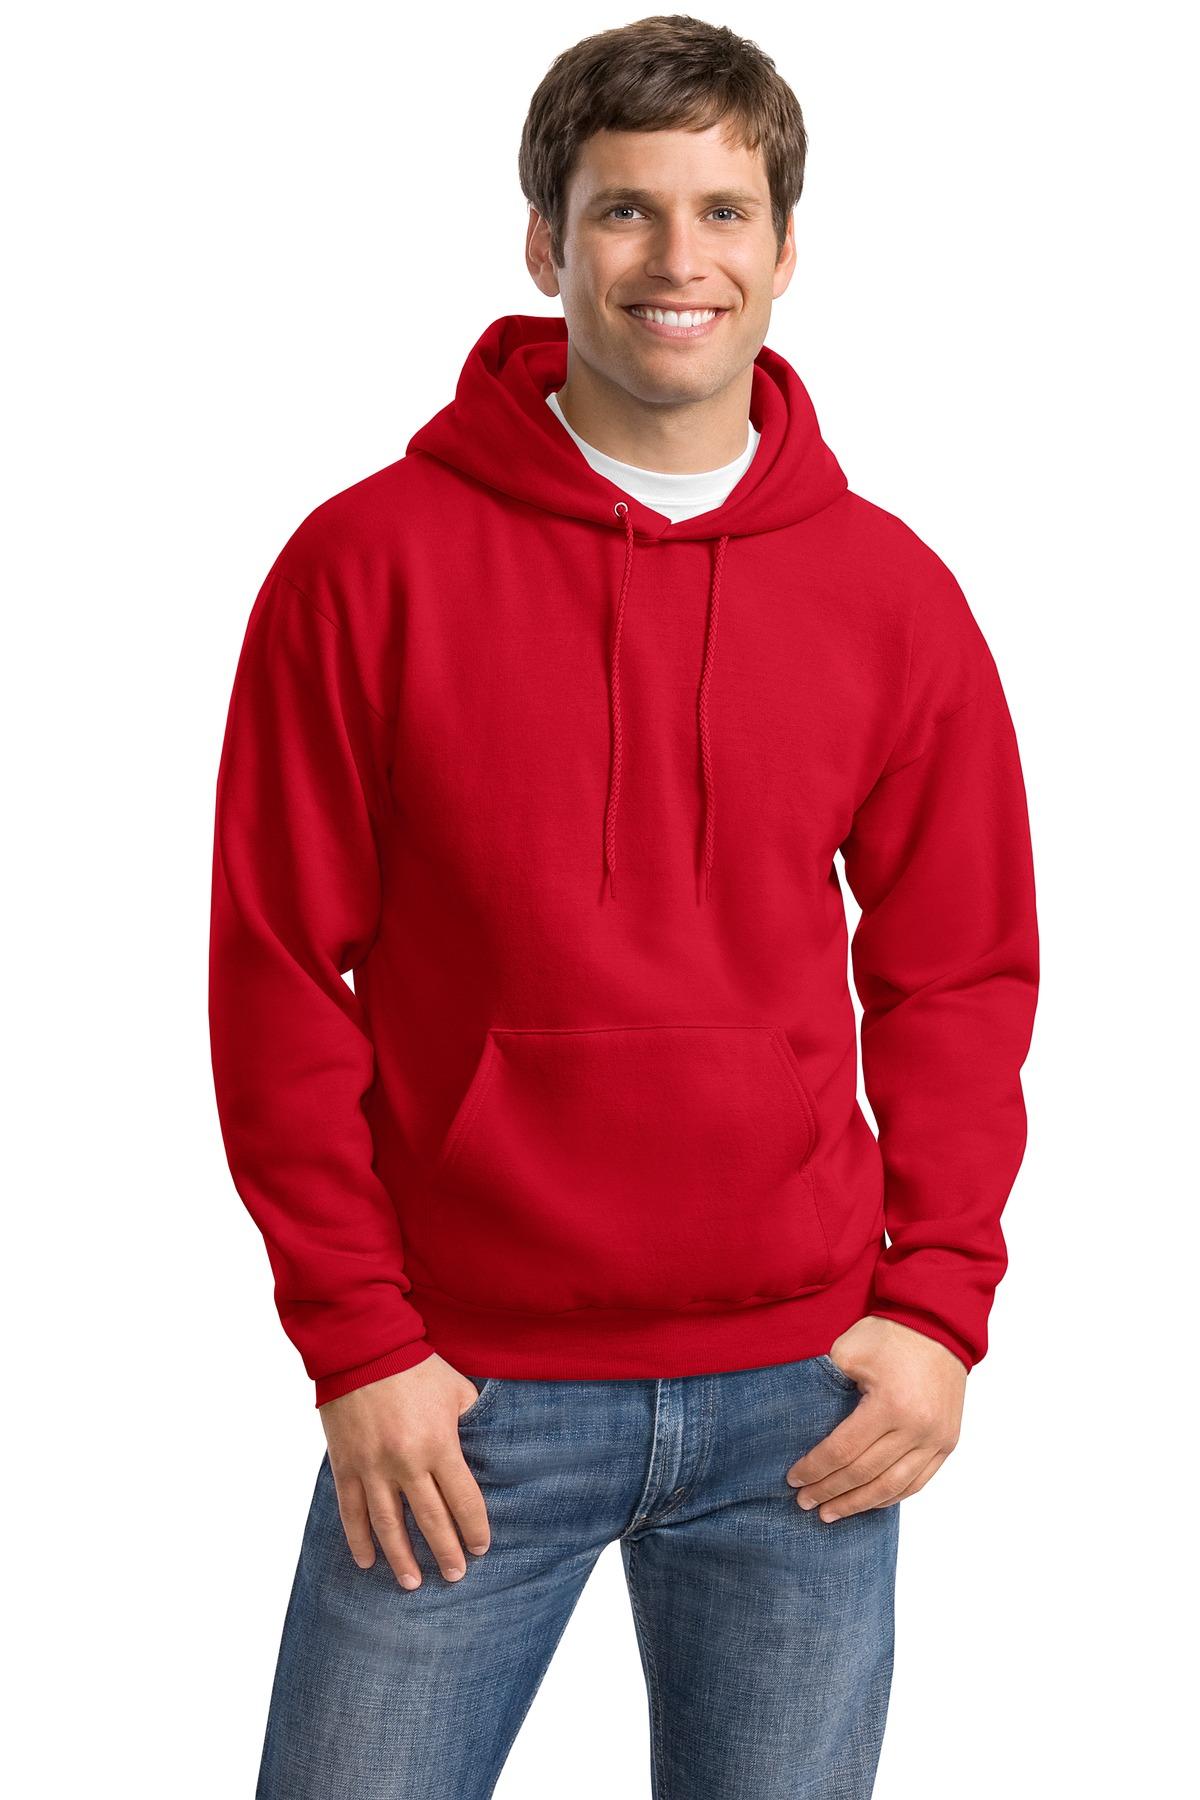 Sweatshirts-Fleece-Hooded-40